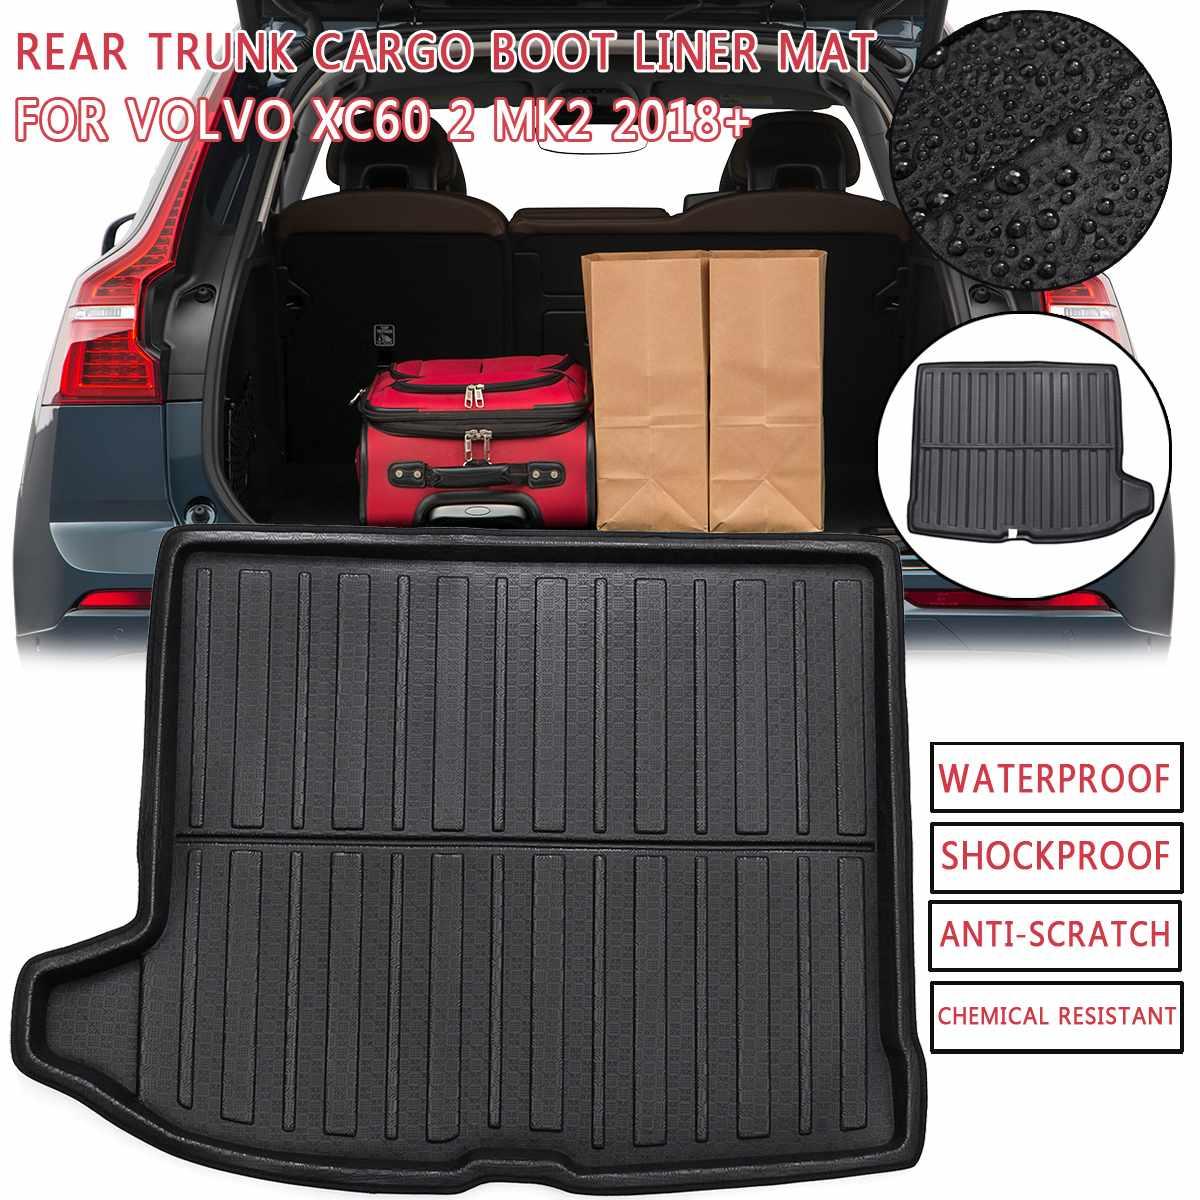 Bandeja protectora de suelo para Volvo XC60 2 MK2 2018 2019 2020 + bandeja de equipaje para alfombra de suelo